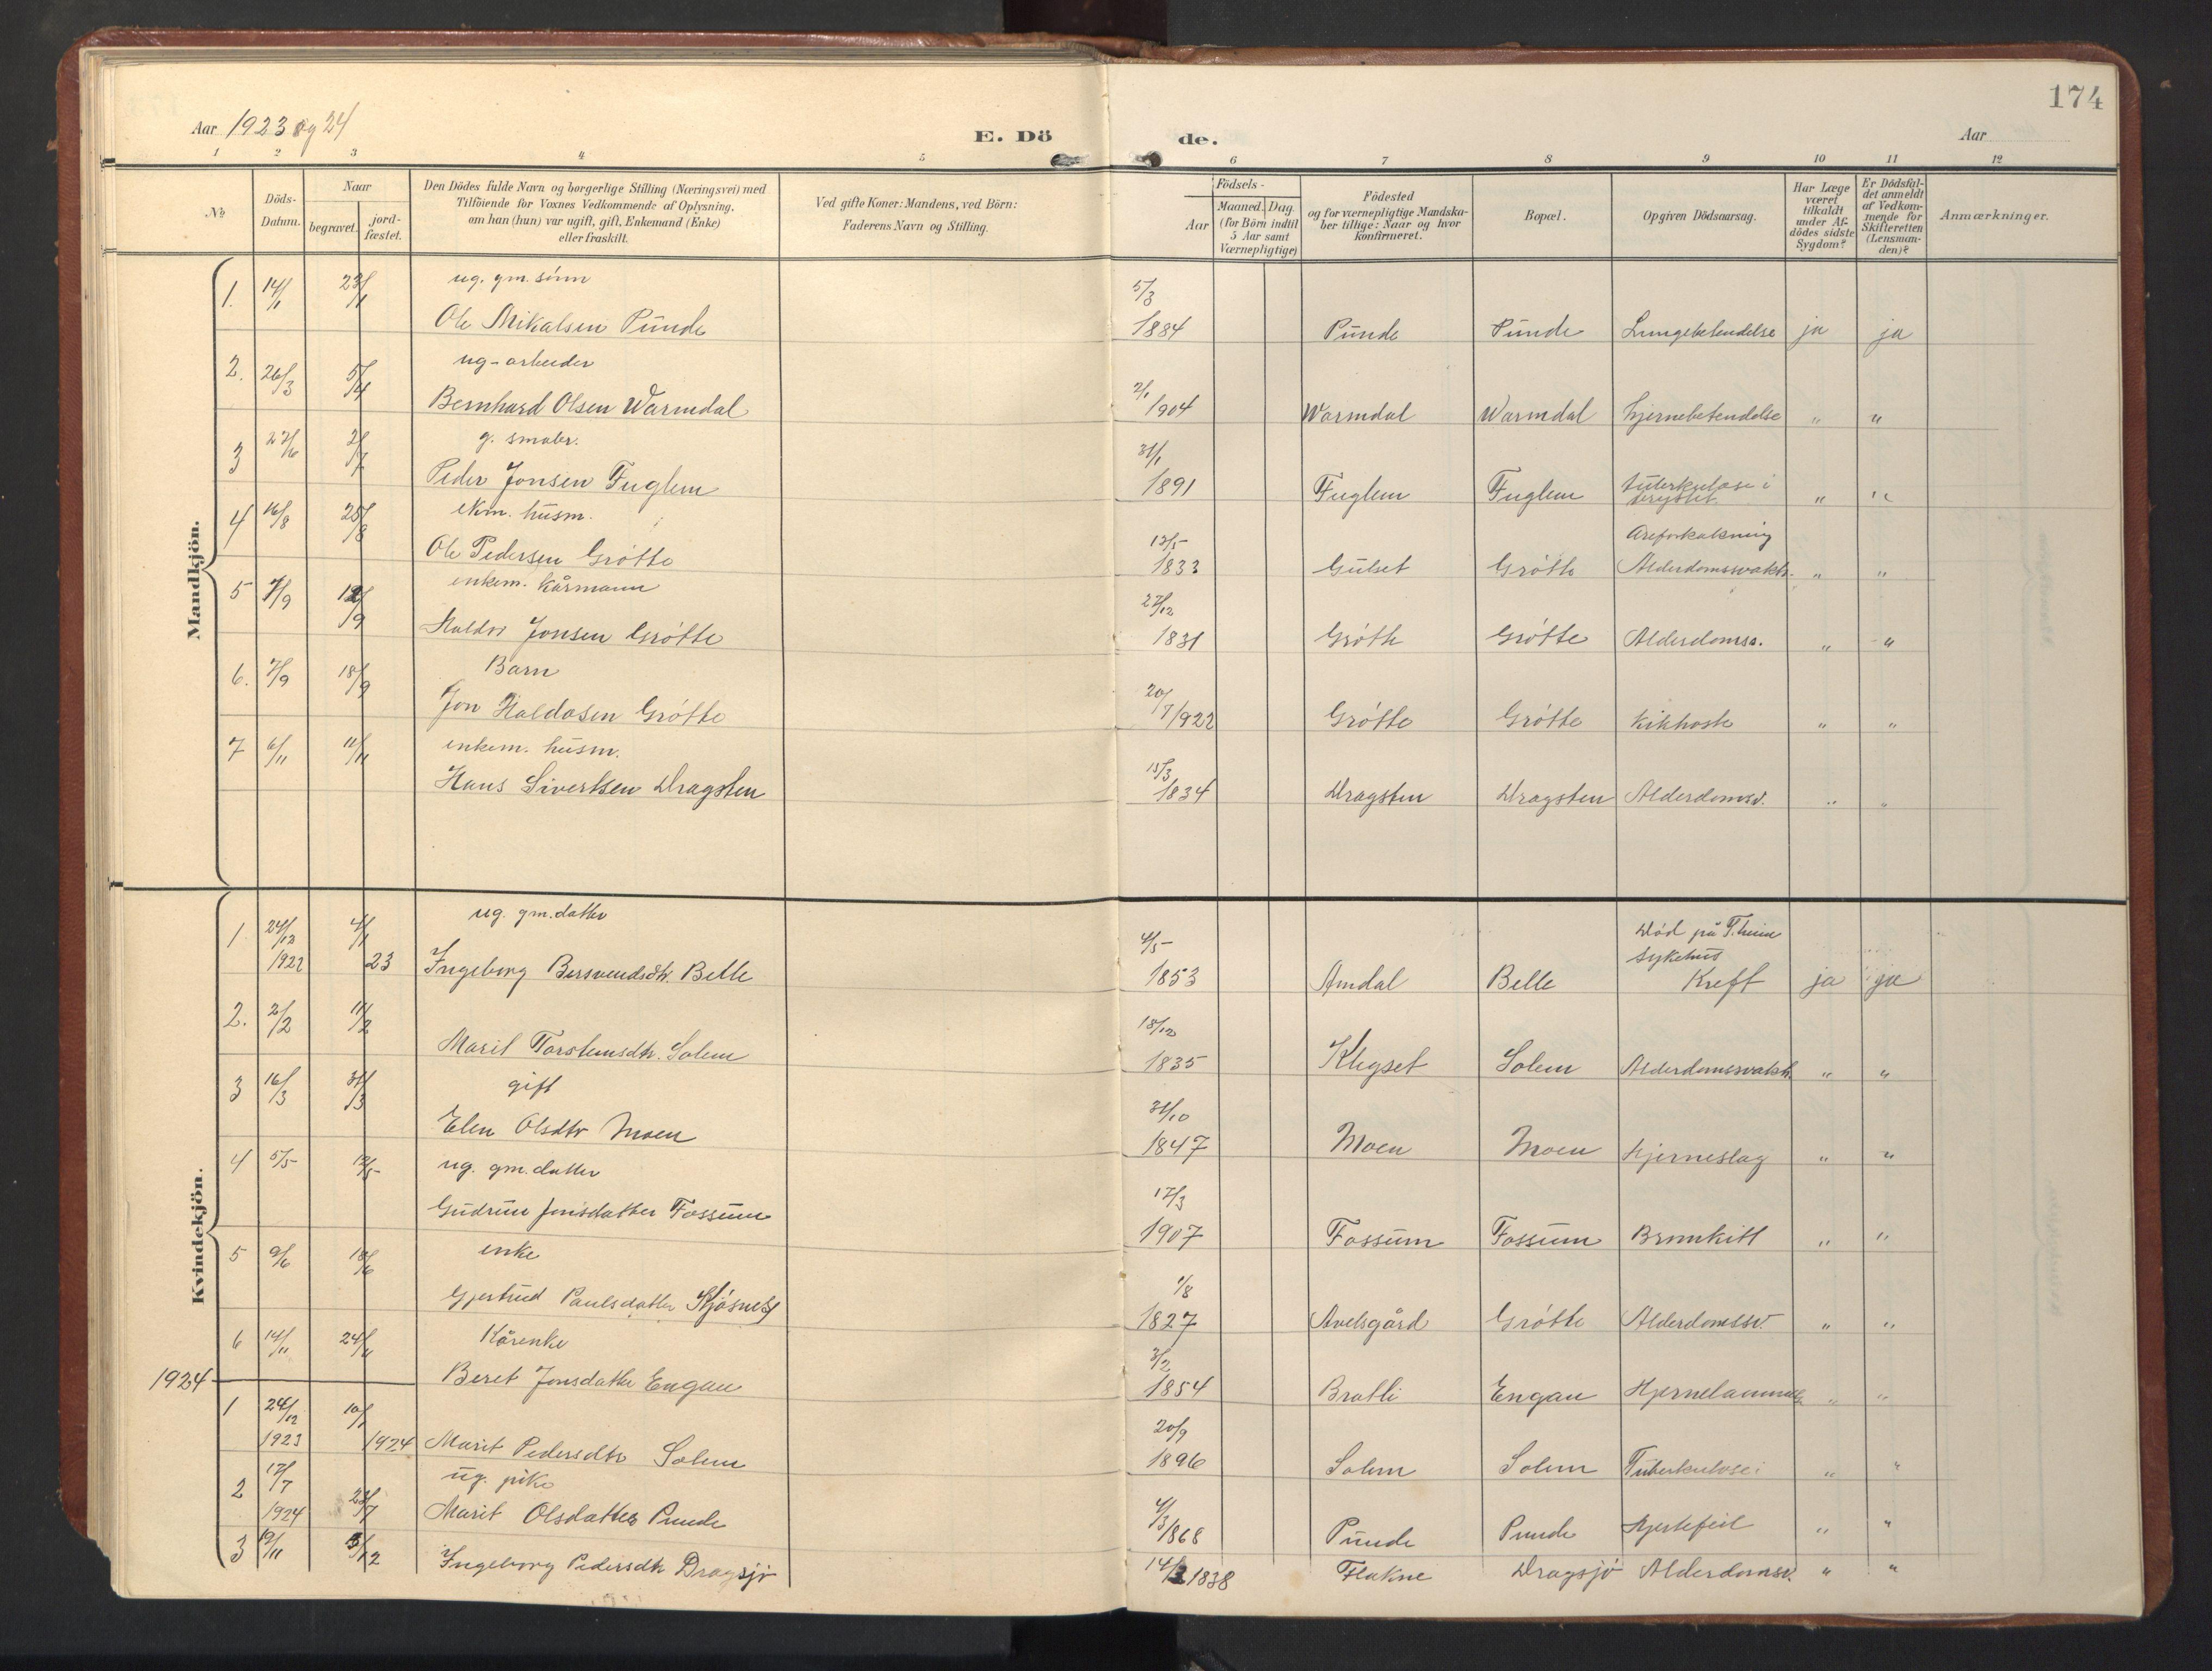 SAT, Ministerialprotokoller, klokkerbøker og fødselsregistre - Sør-Trøndelag, 696/L1161: Klokkerbok nr. 696C01, 1902-1950, s. 174